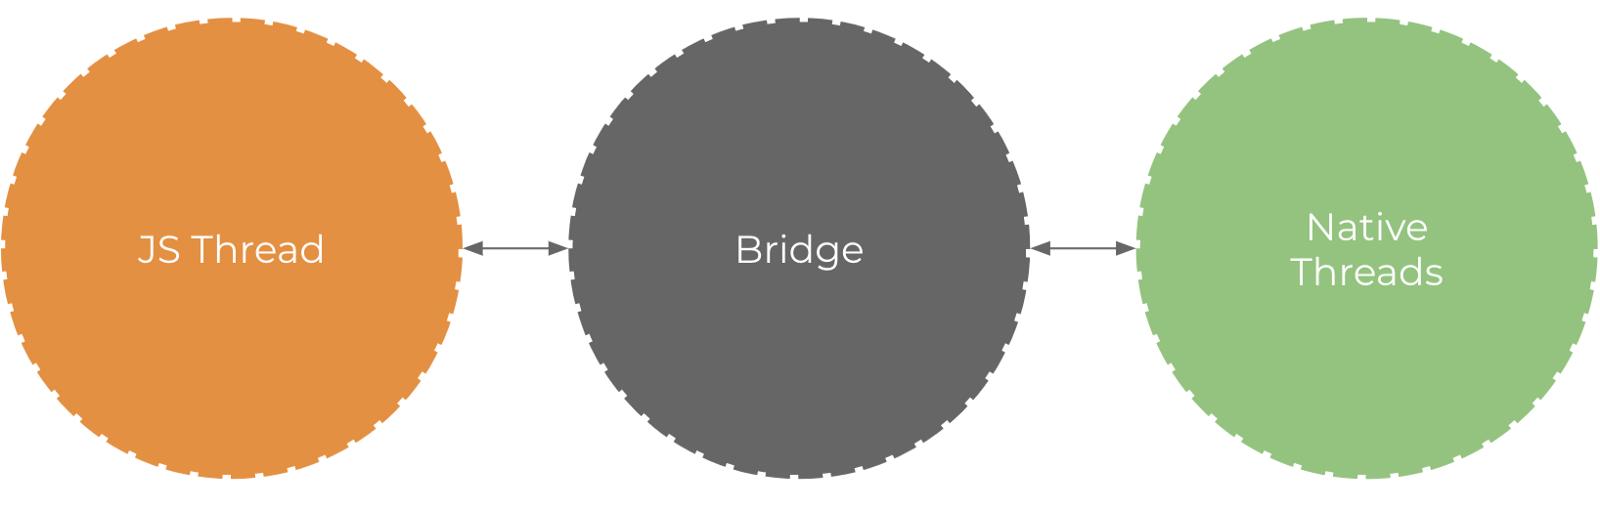 bridge concept react native